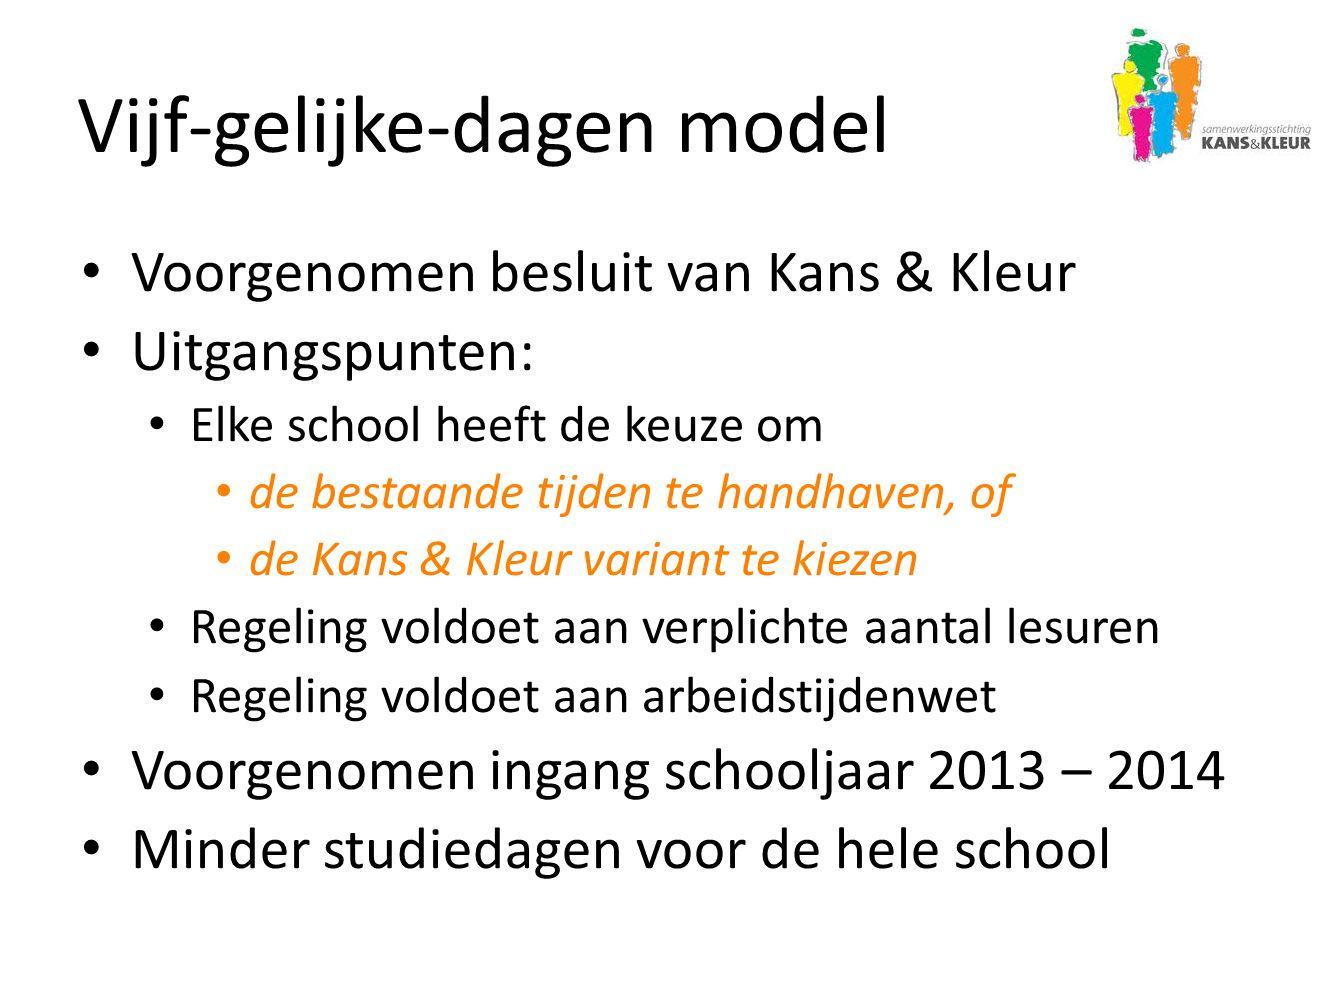 Vijf-gelijke-dagen model Voorgenomen besluit van Kans & Kleur Uitgangspunten: Elke school heeft de keuze om de bestaande tijden te handhaven, of de Ka